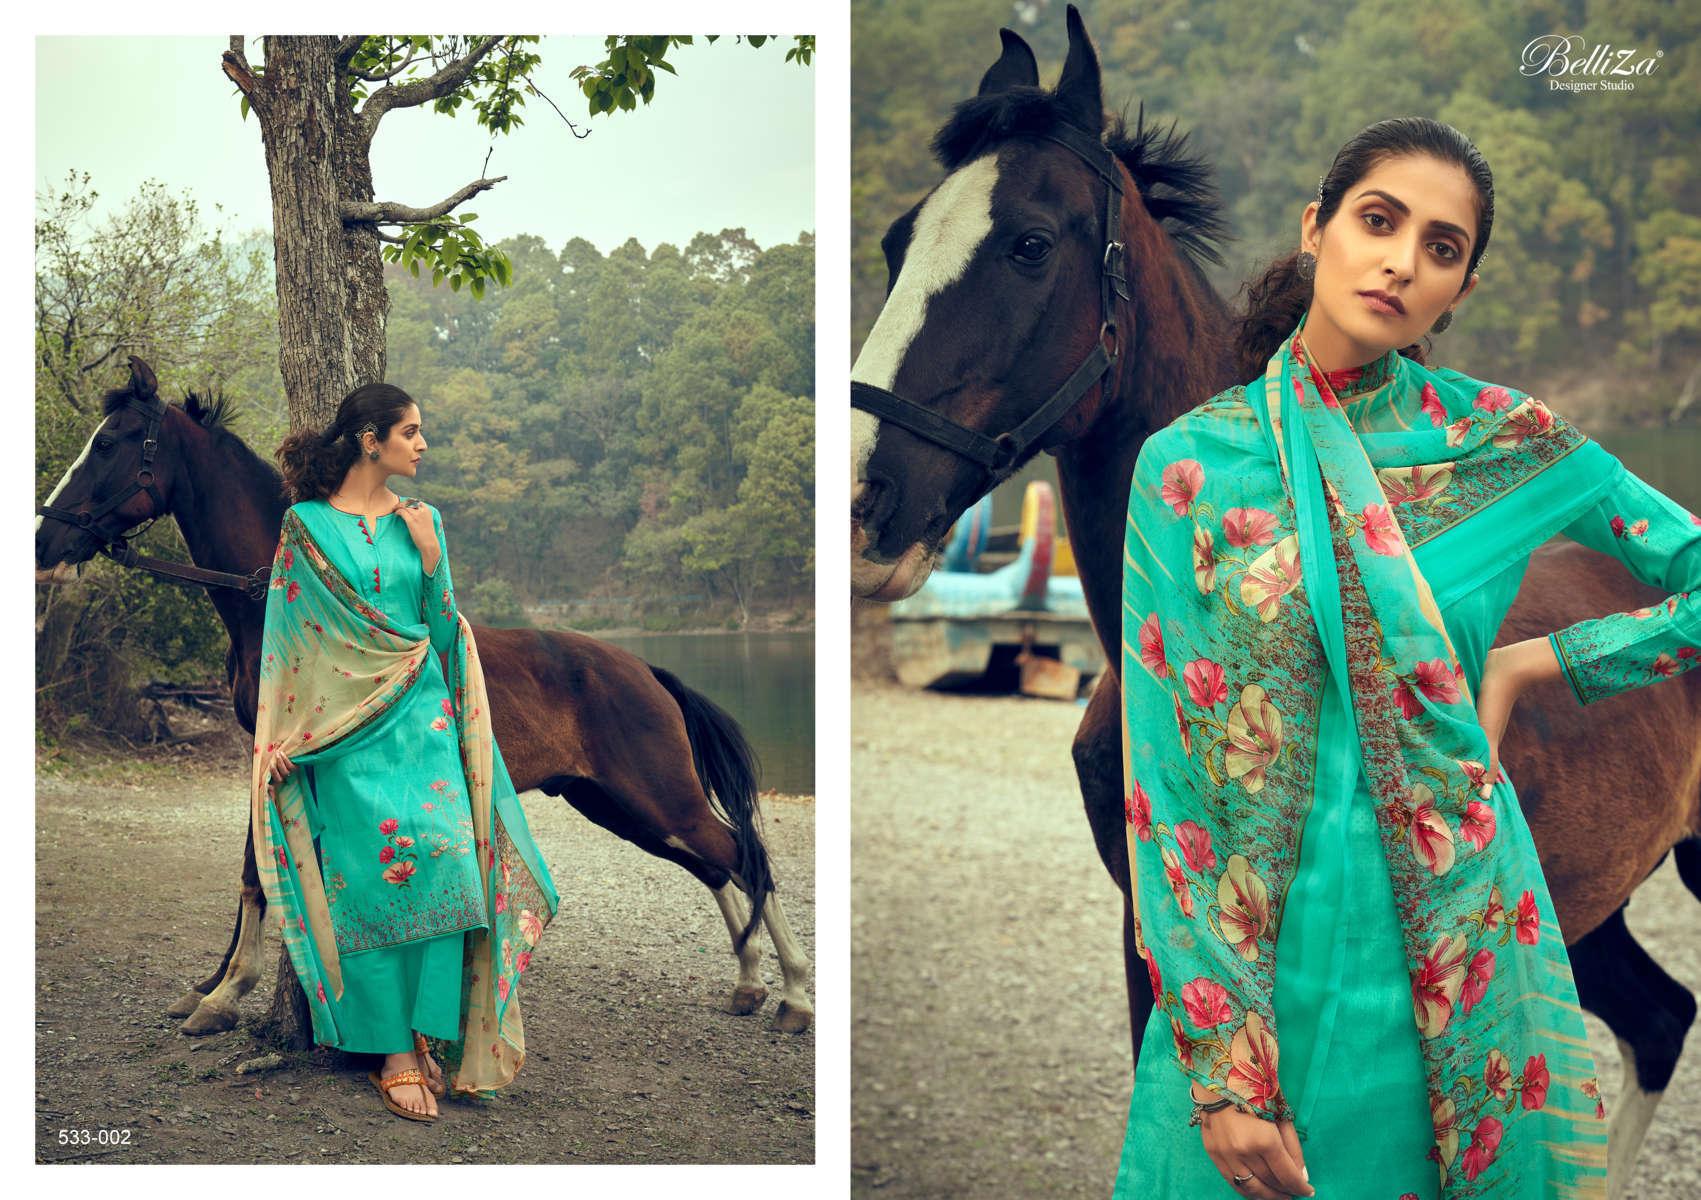 Belliza Riwaaz Vol 2 Salwar Suit Wholesale Catalog 10 Pcs 3 1 - Belliza Riwaaz Vol 2 Salwar Suit Wholesale Catalog 10 Pcs